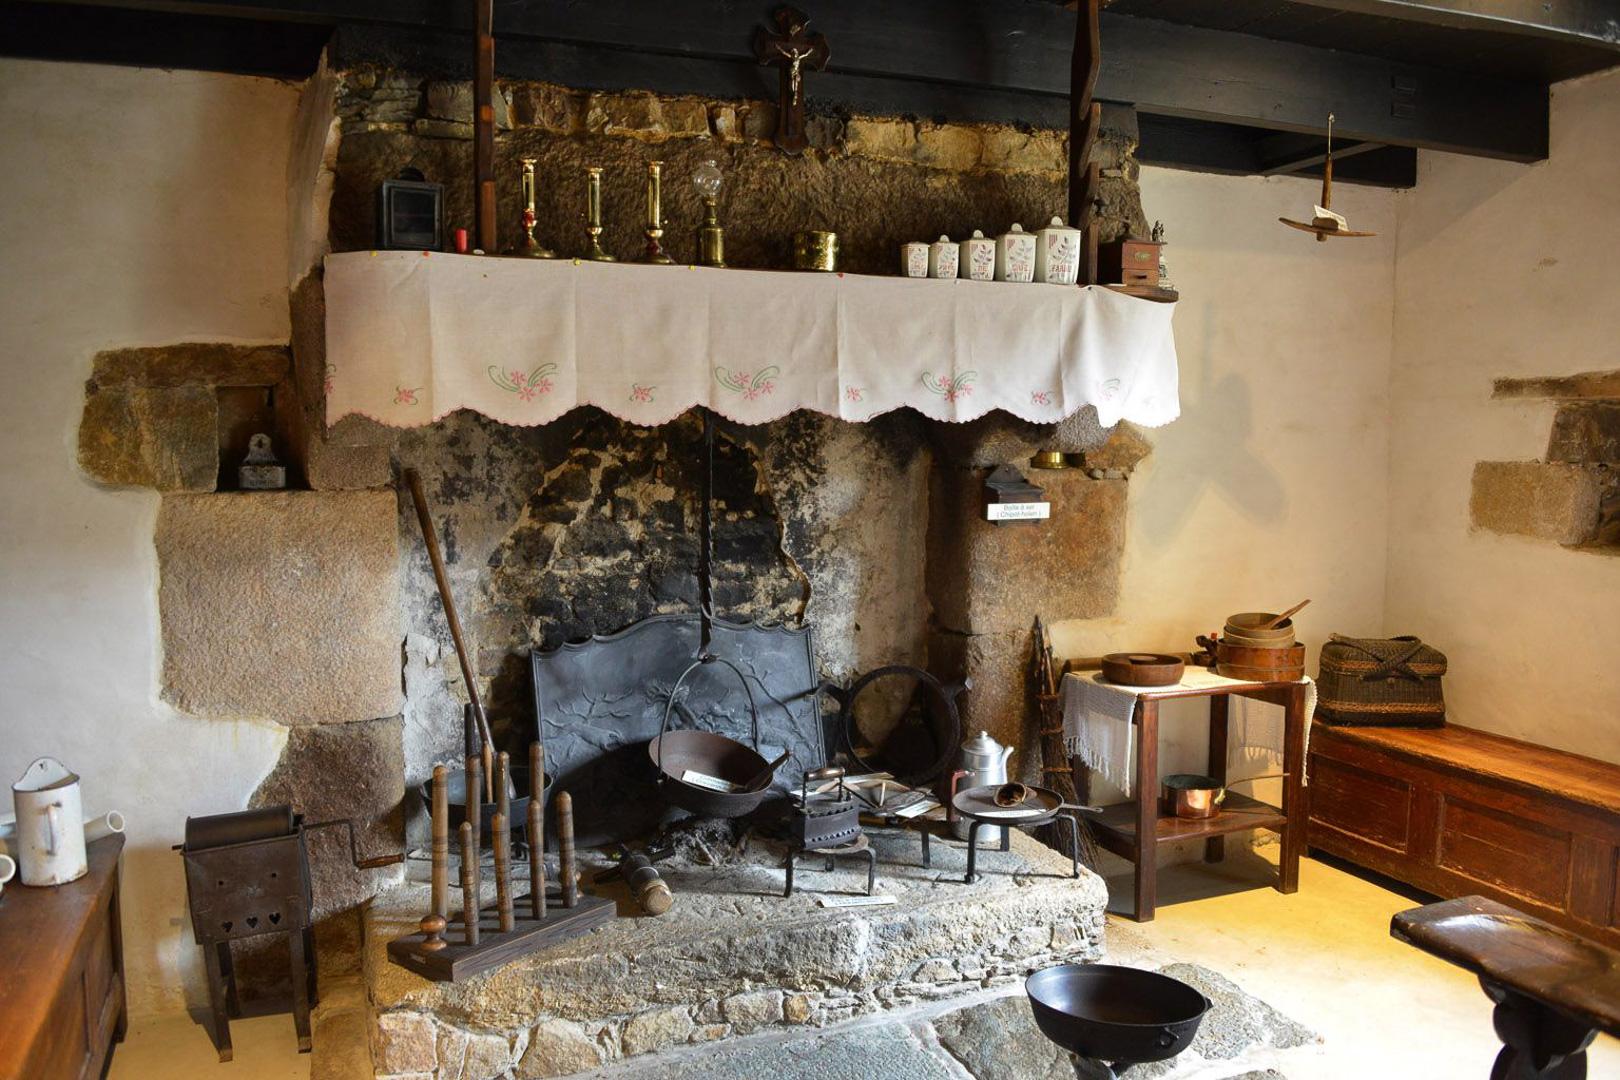 Bienvenue dans une maison rurale Bretonne datant de 1900